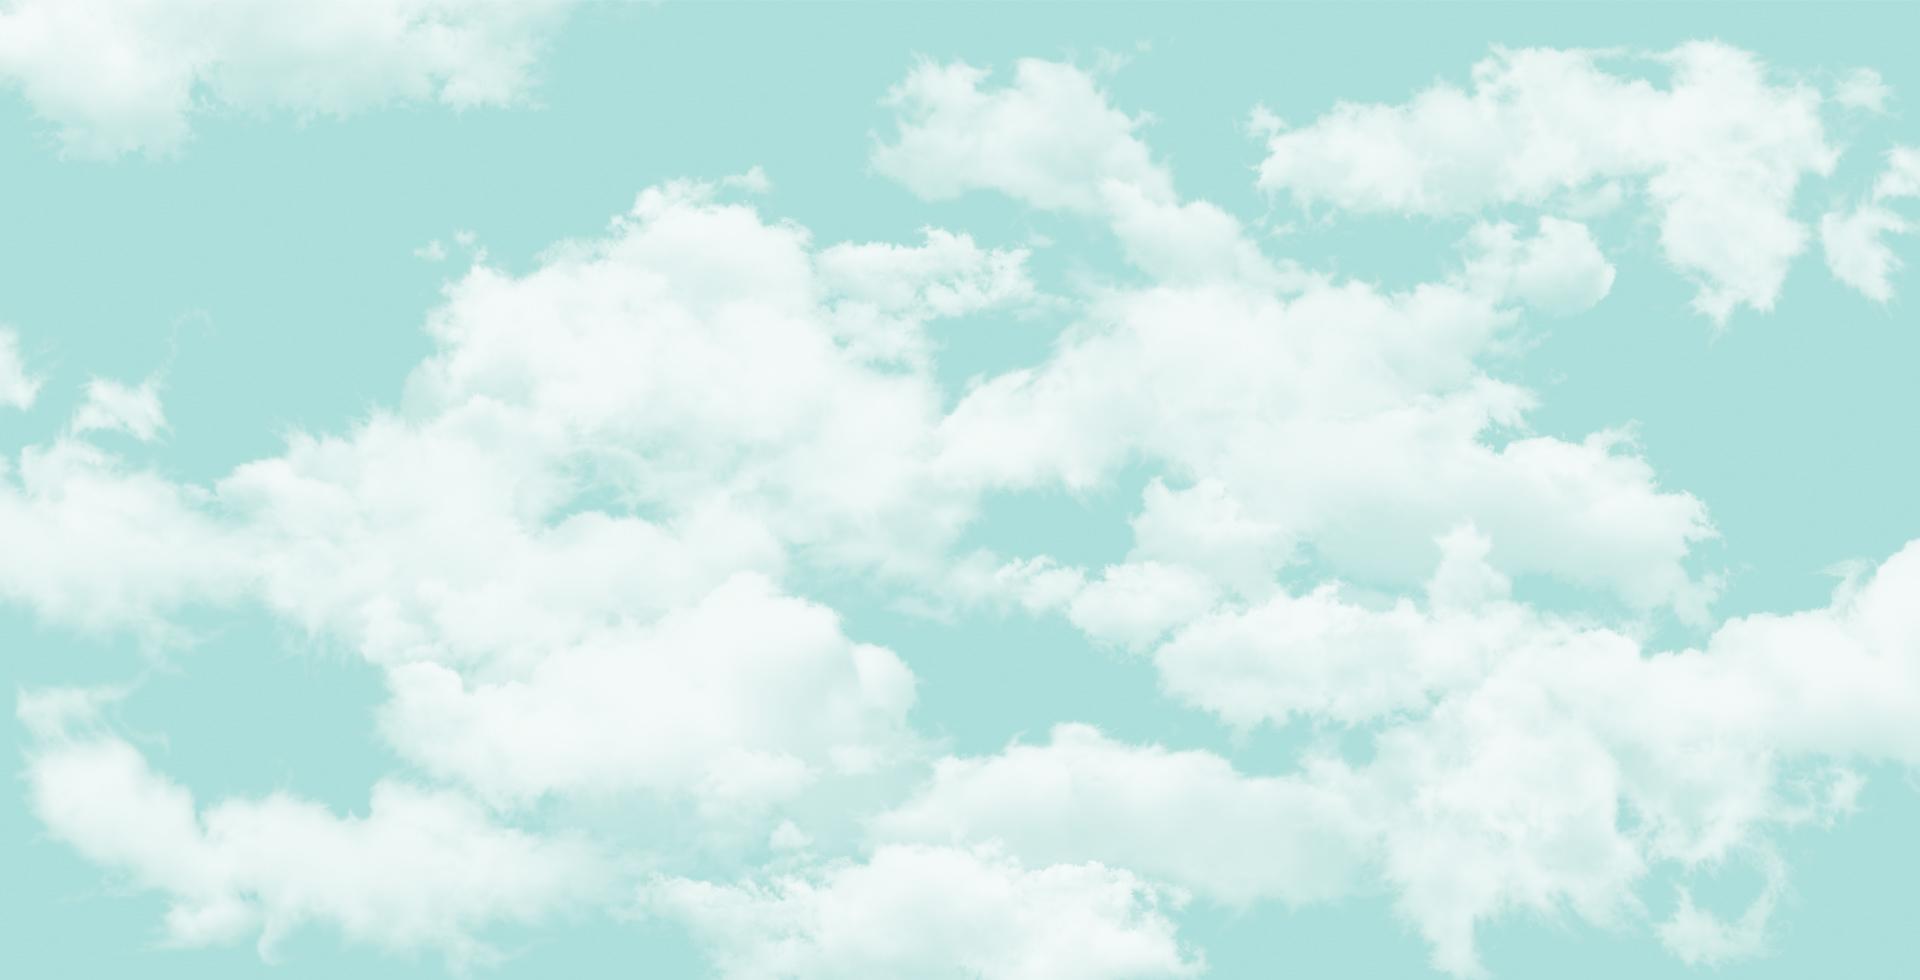 背景 壁纸 风景 设计 矢量 矢量图 素材 天空 桌面 1920_980